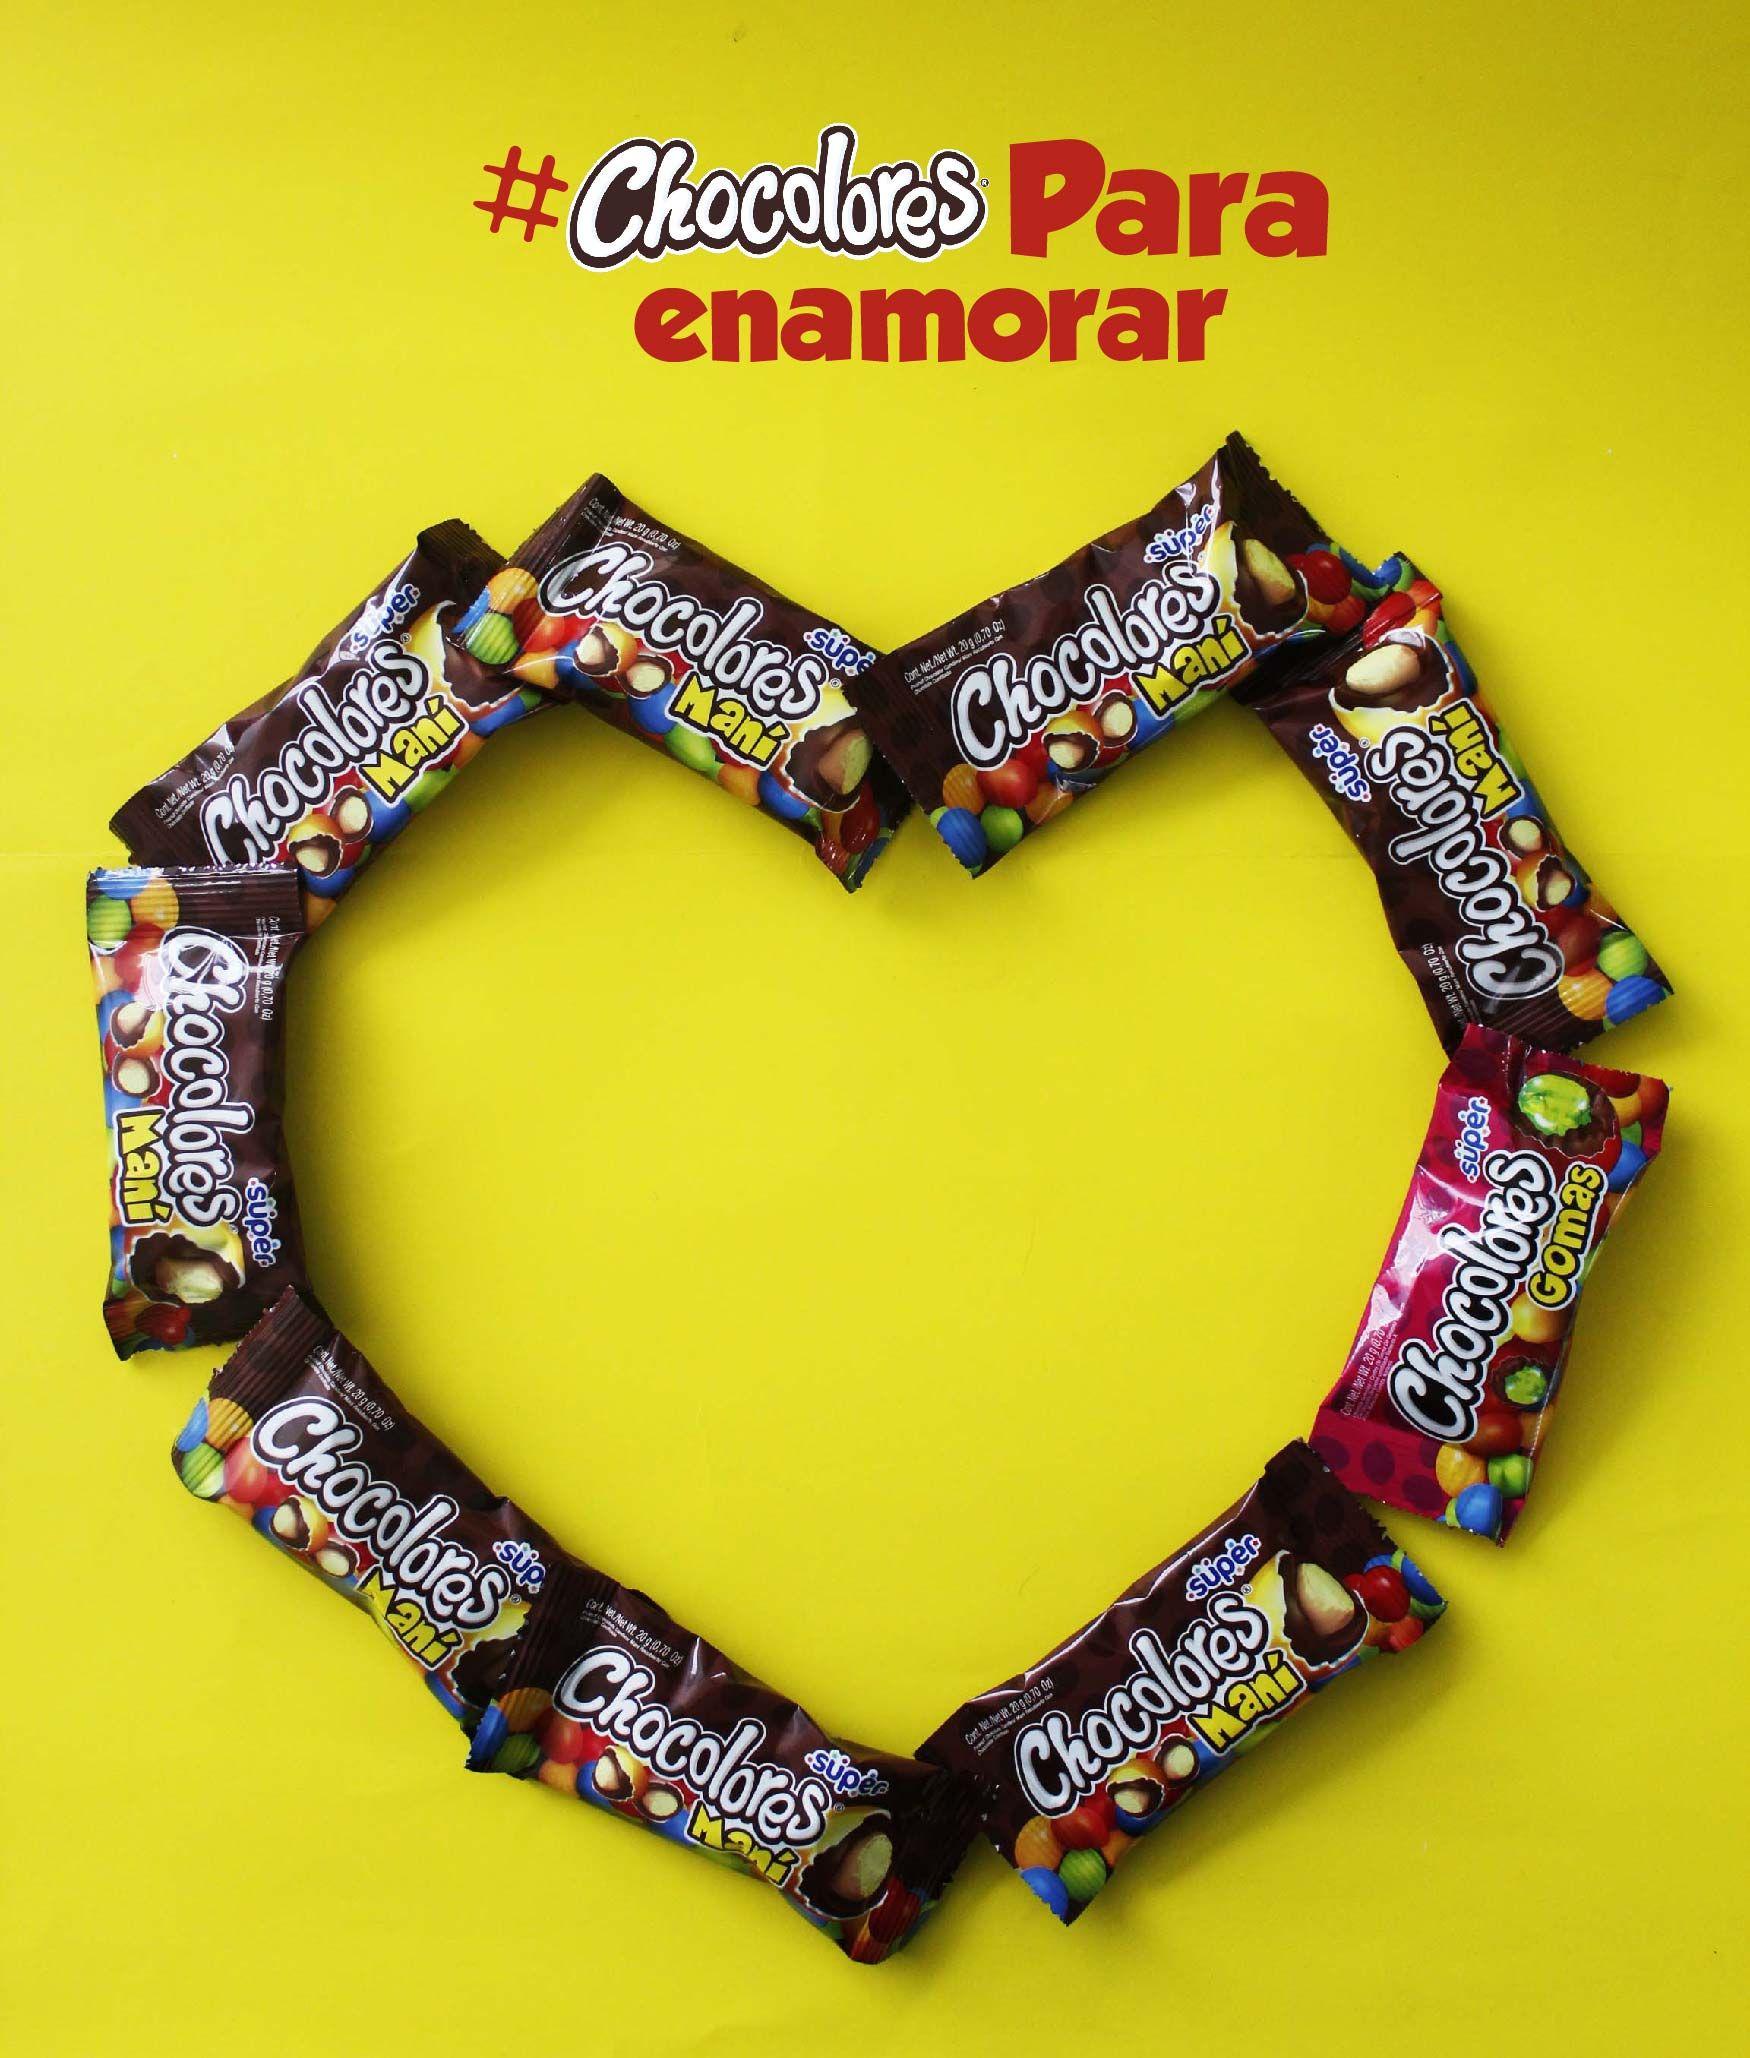 Chocolores para enamorar